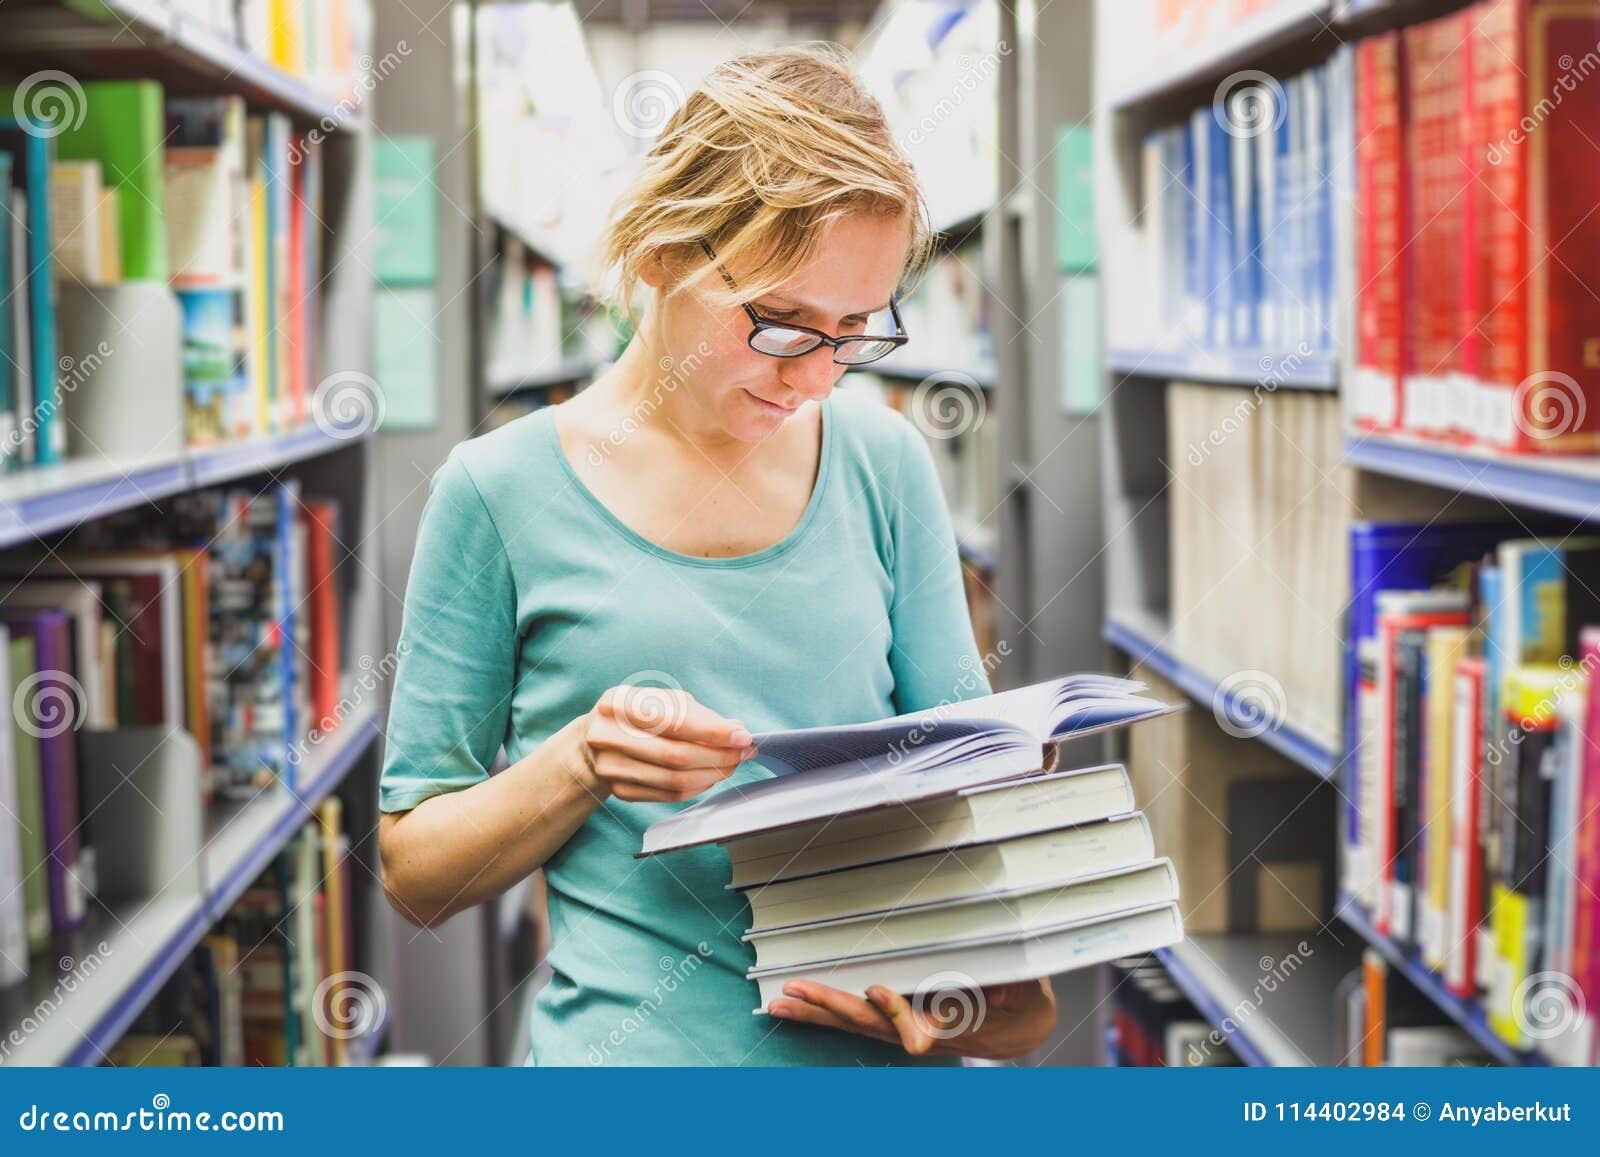 Menina nos livros de leitura da biblioteca, educação do estudante